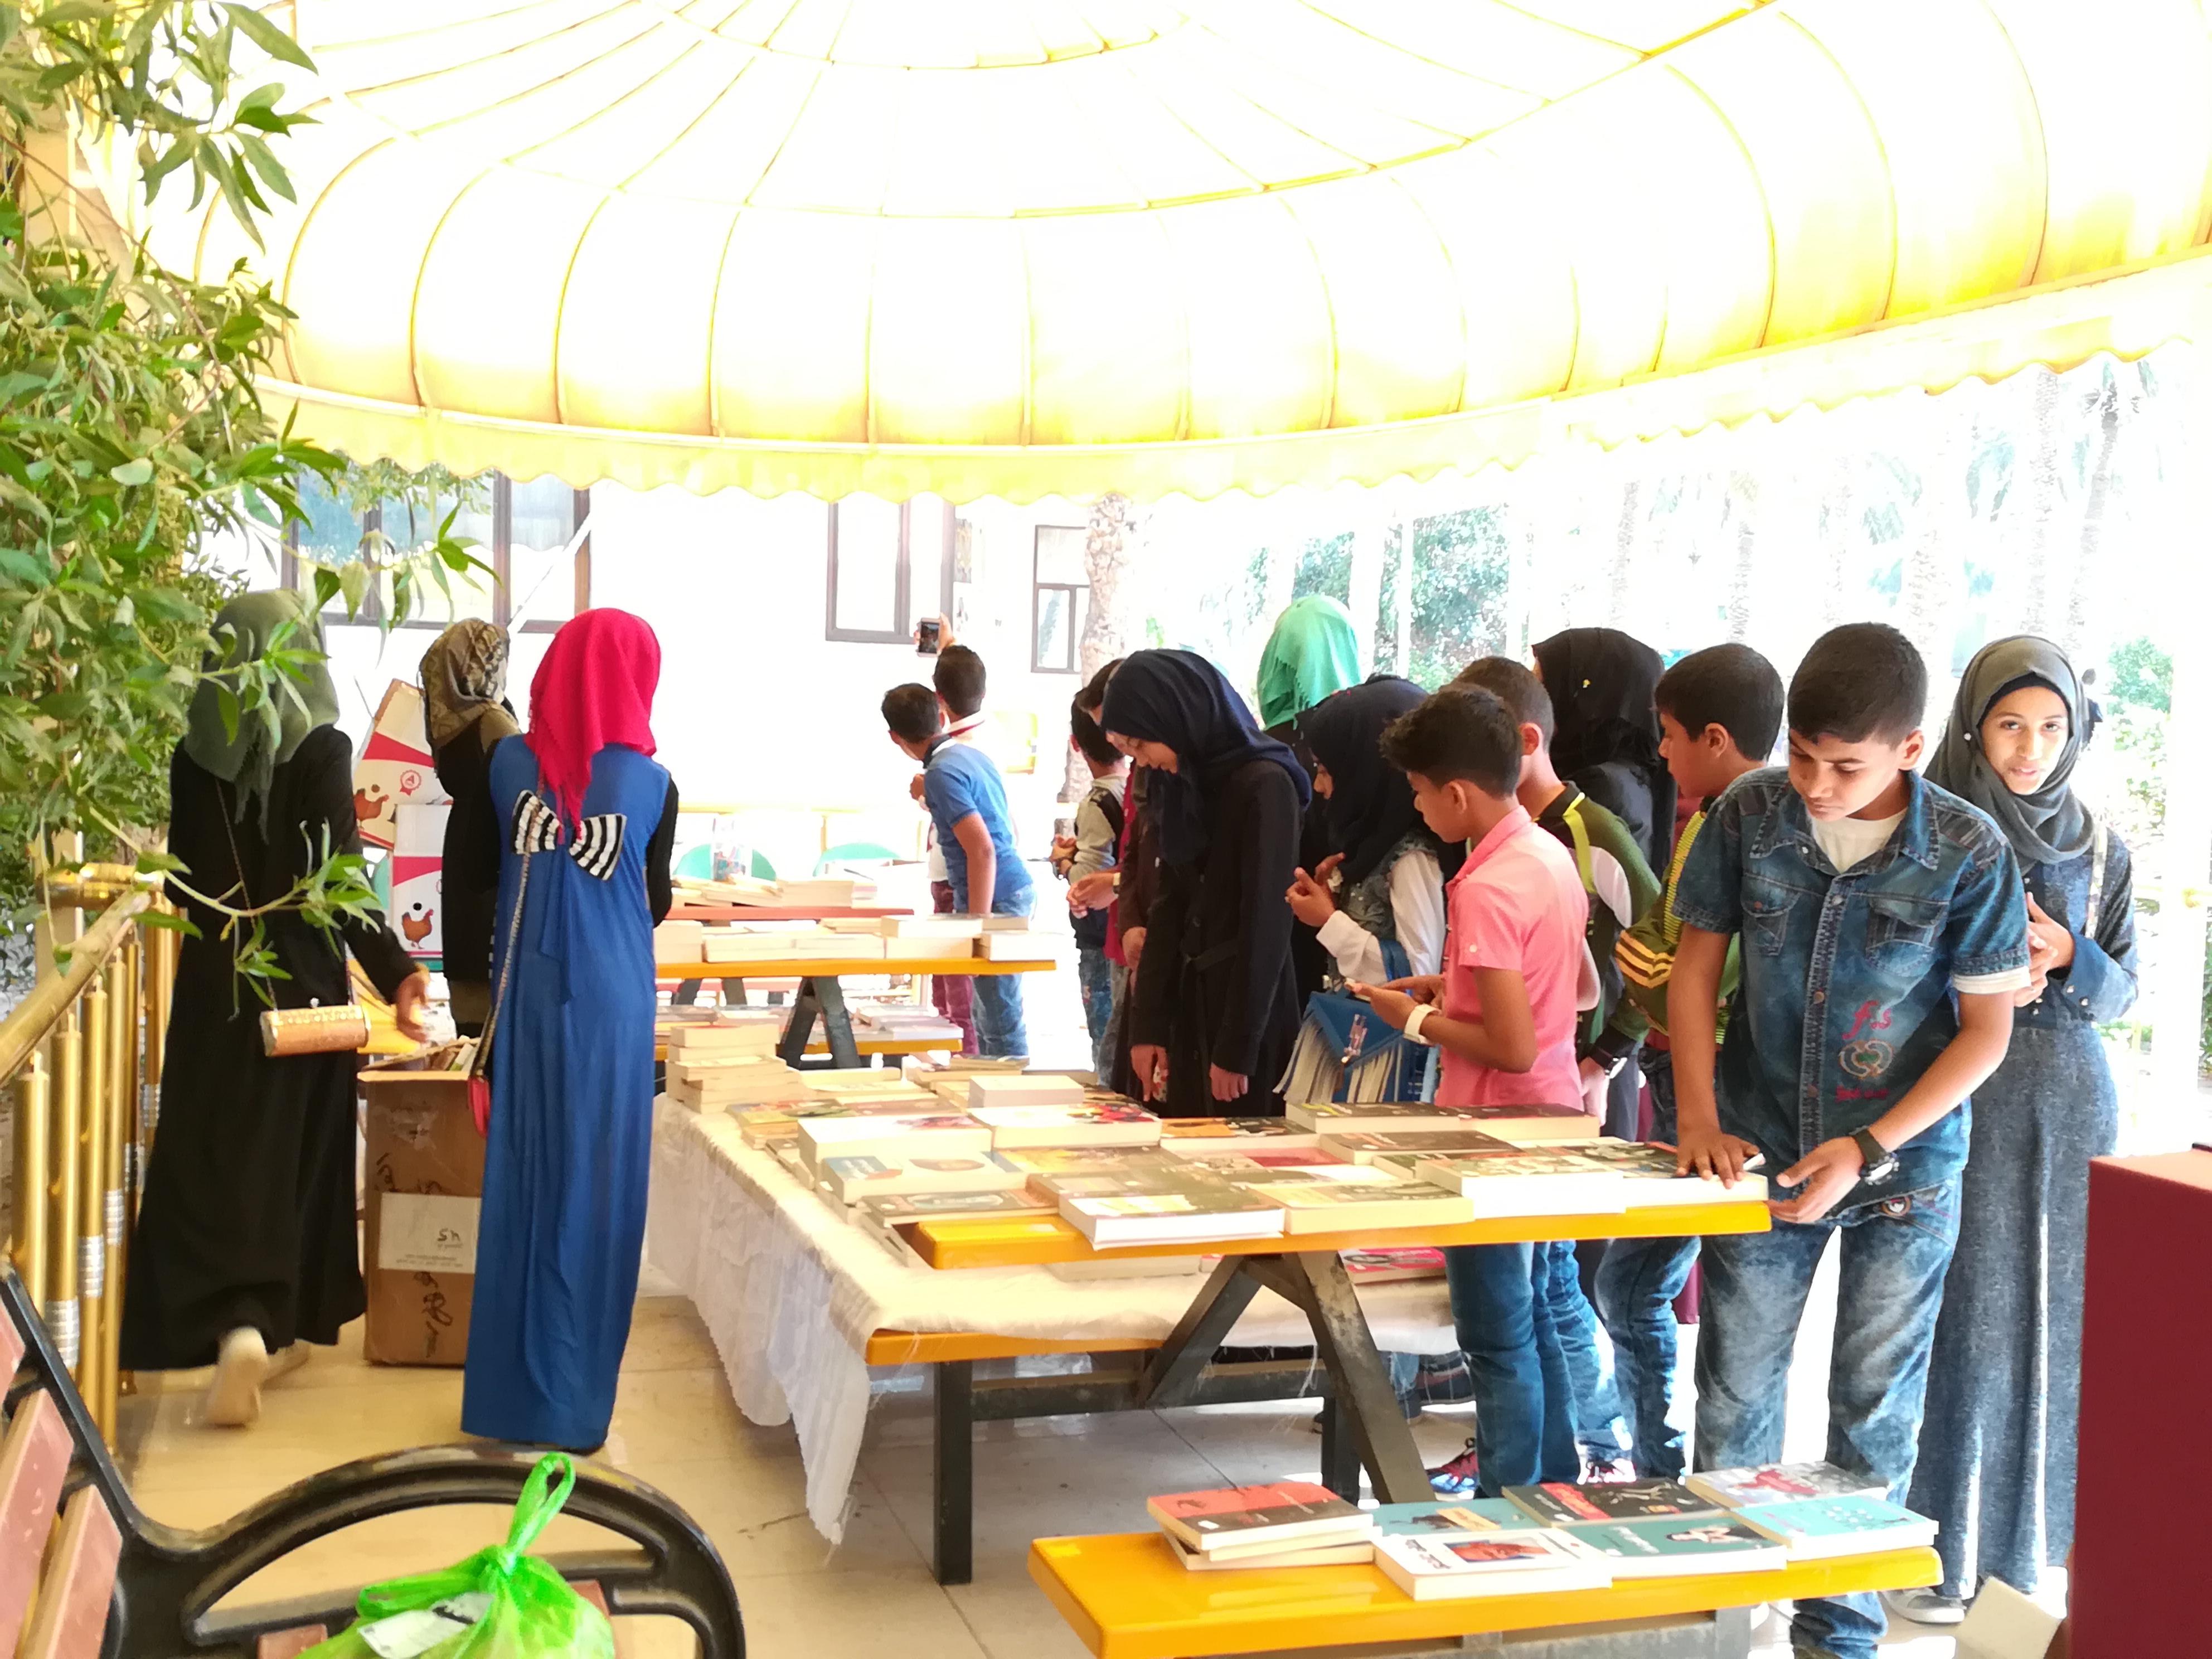 معرض الكتاب و الاعمال اليدوي